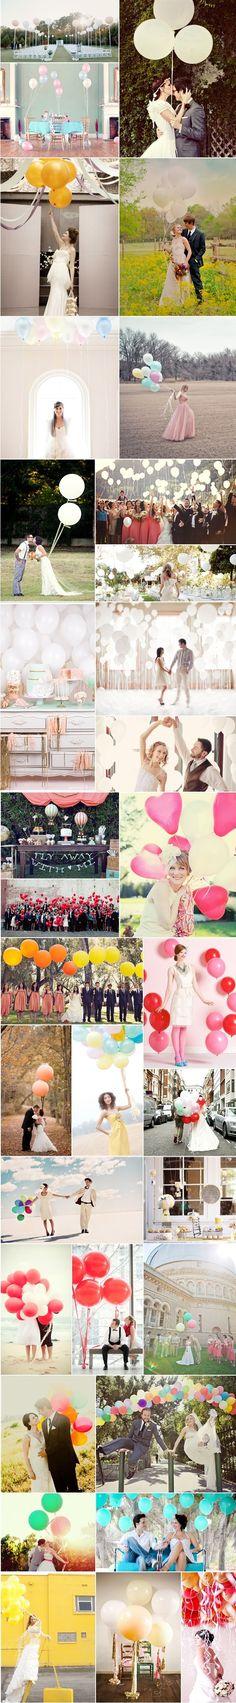 Ballonnen = makkelijk, niet duur en leuk!